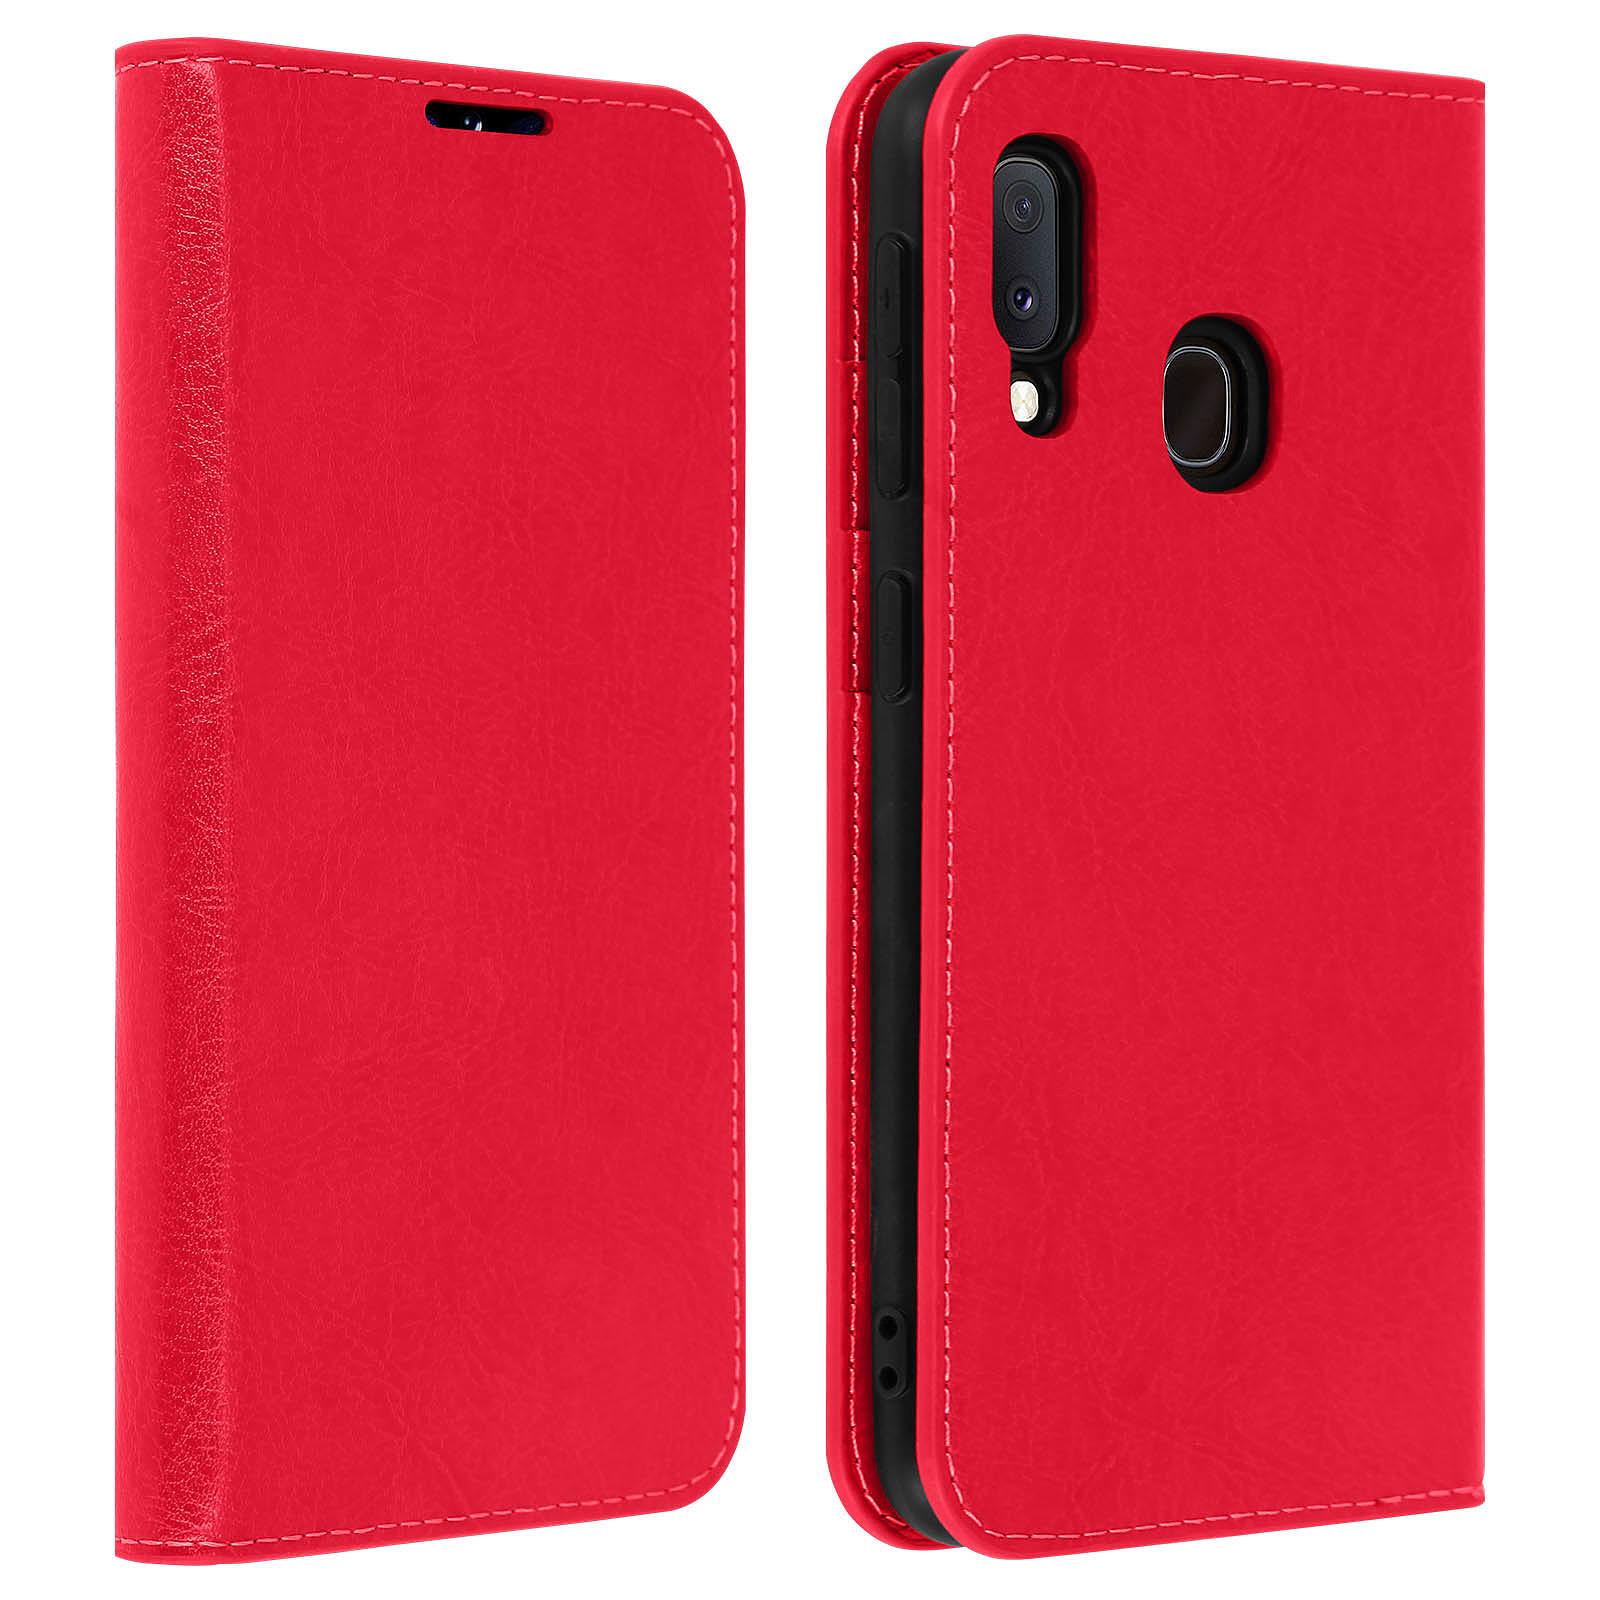 Avizar Etui folio Rouge pour Samsung Galaxy A20e